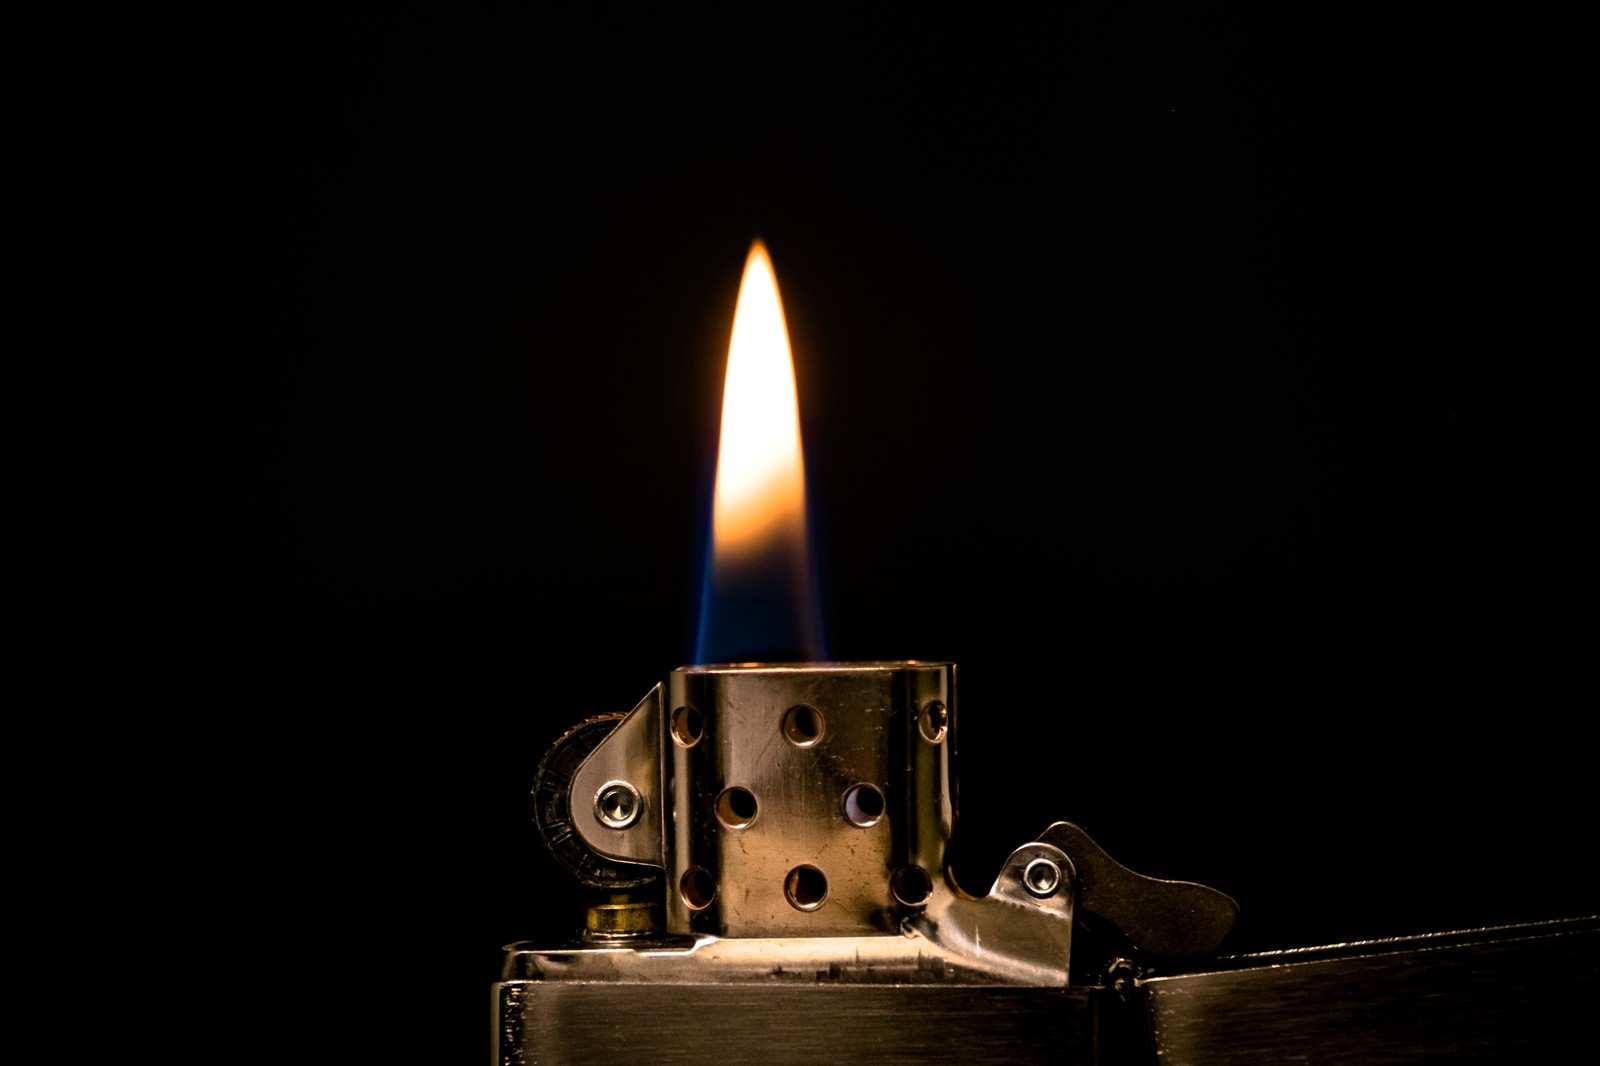 『火であぶられた顔』|【狂気】人間の本当にあった怖い話